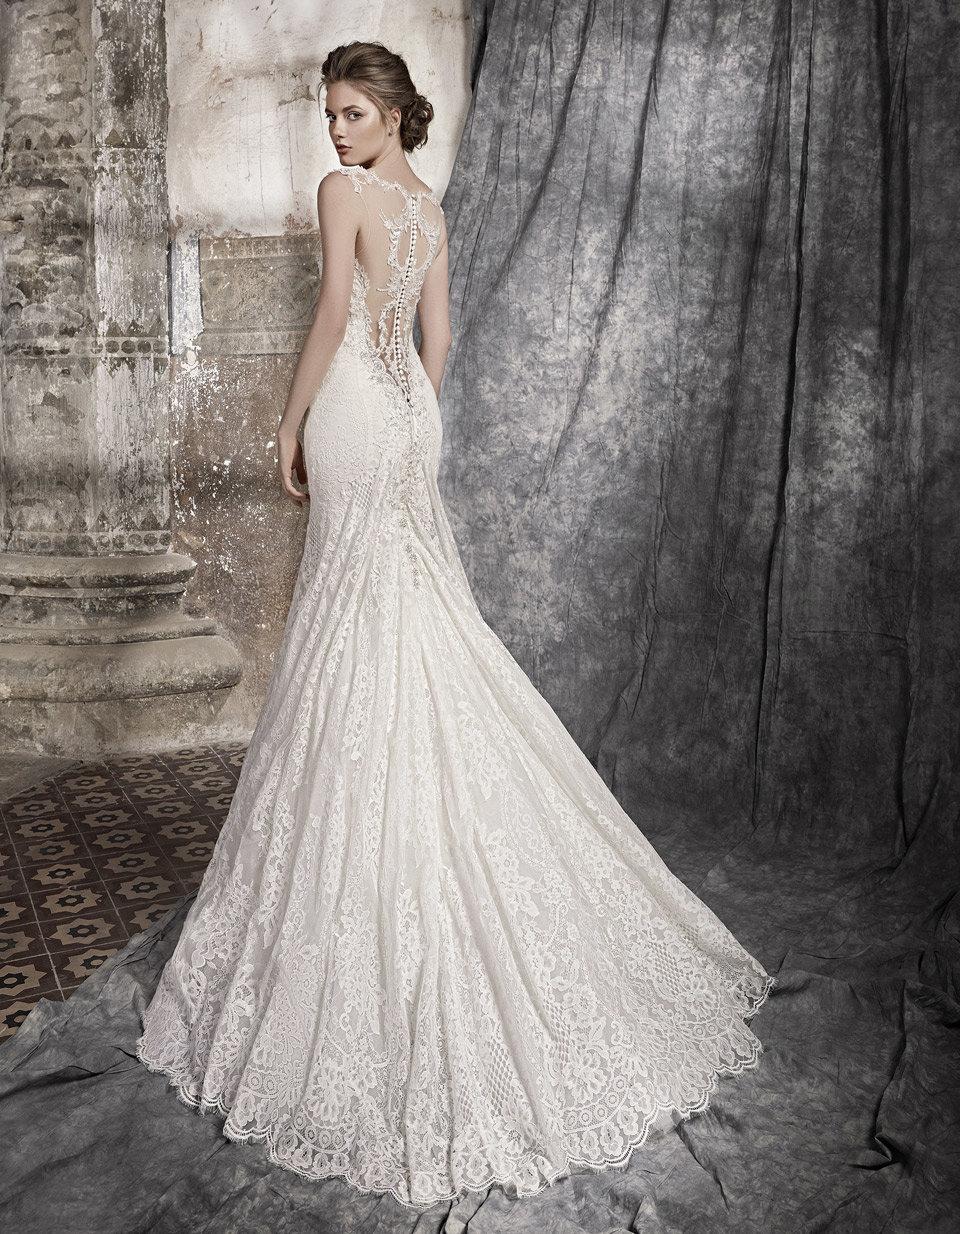 кружевное платье свадебное со шлейфом